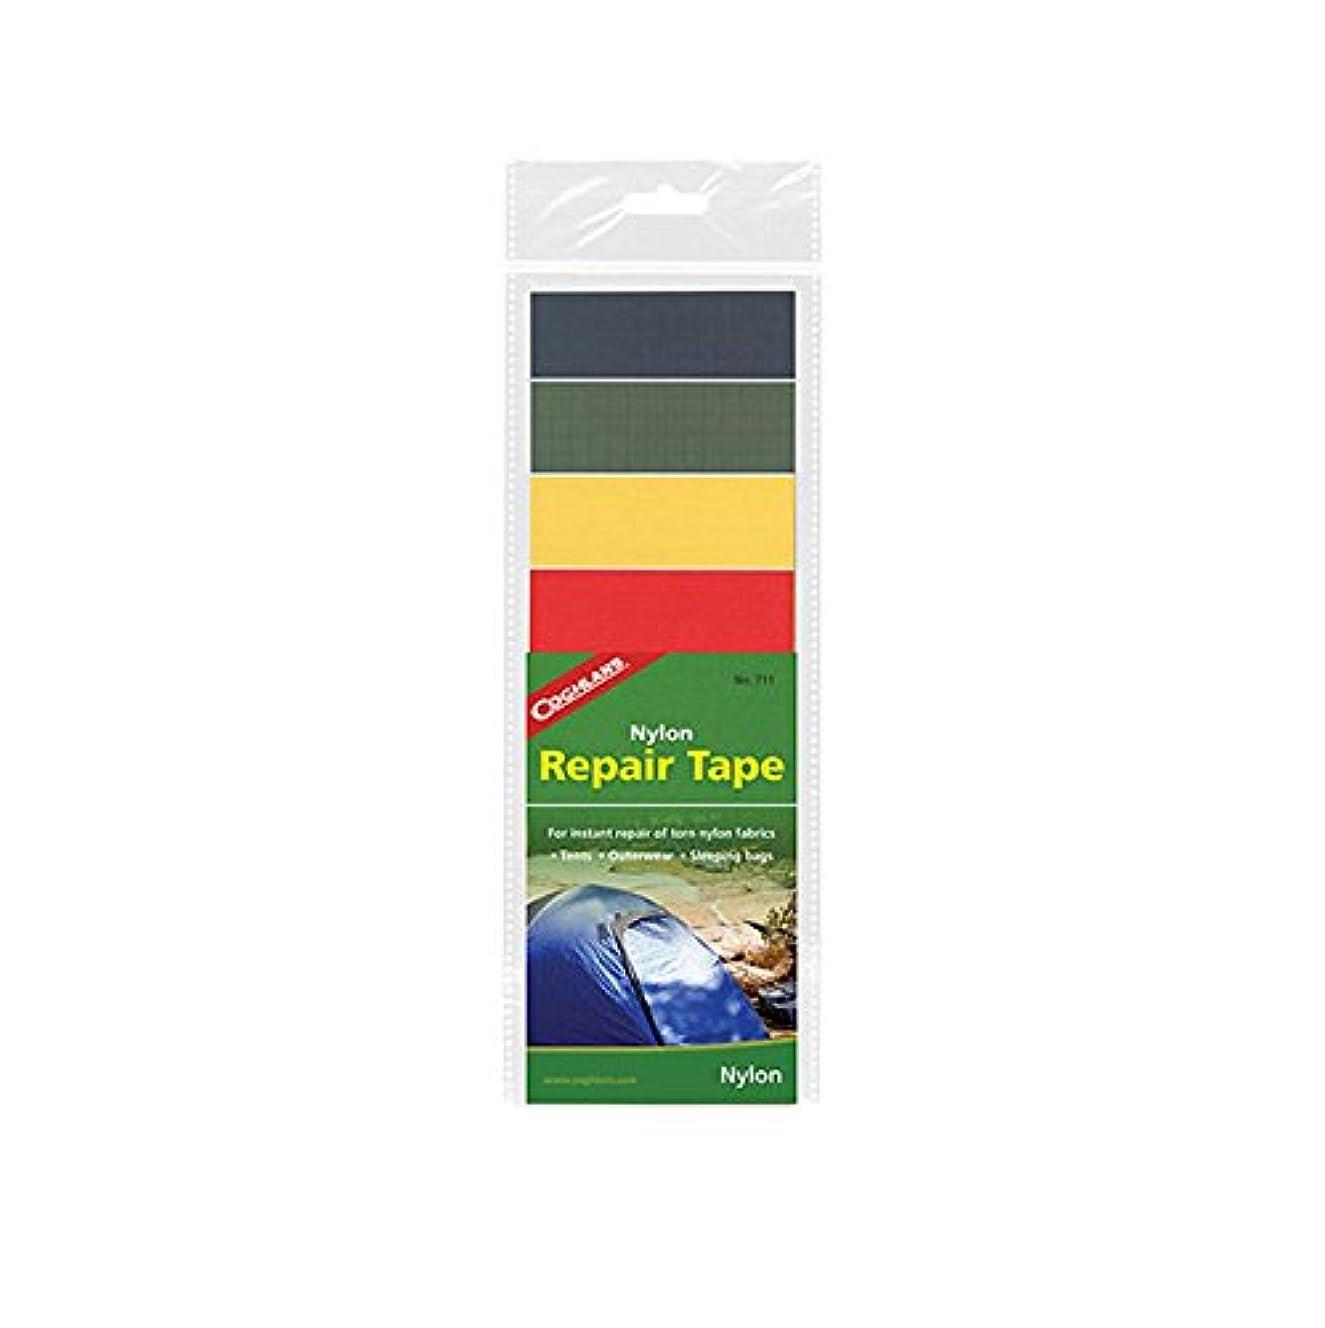 トラクター理想的には指令COGHLANS(コフラン) ナイロンリペアテープ(4色セット) 補修テープ